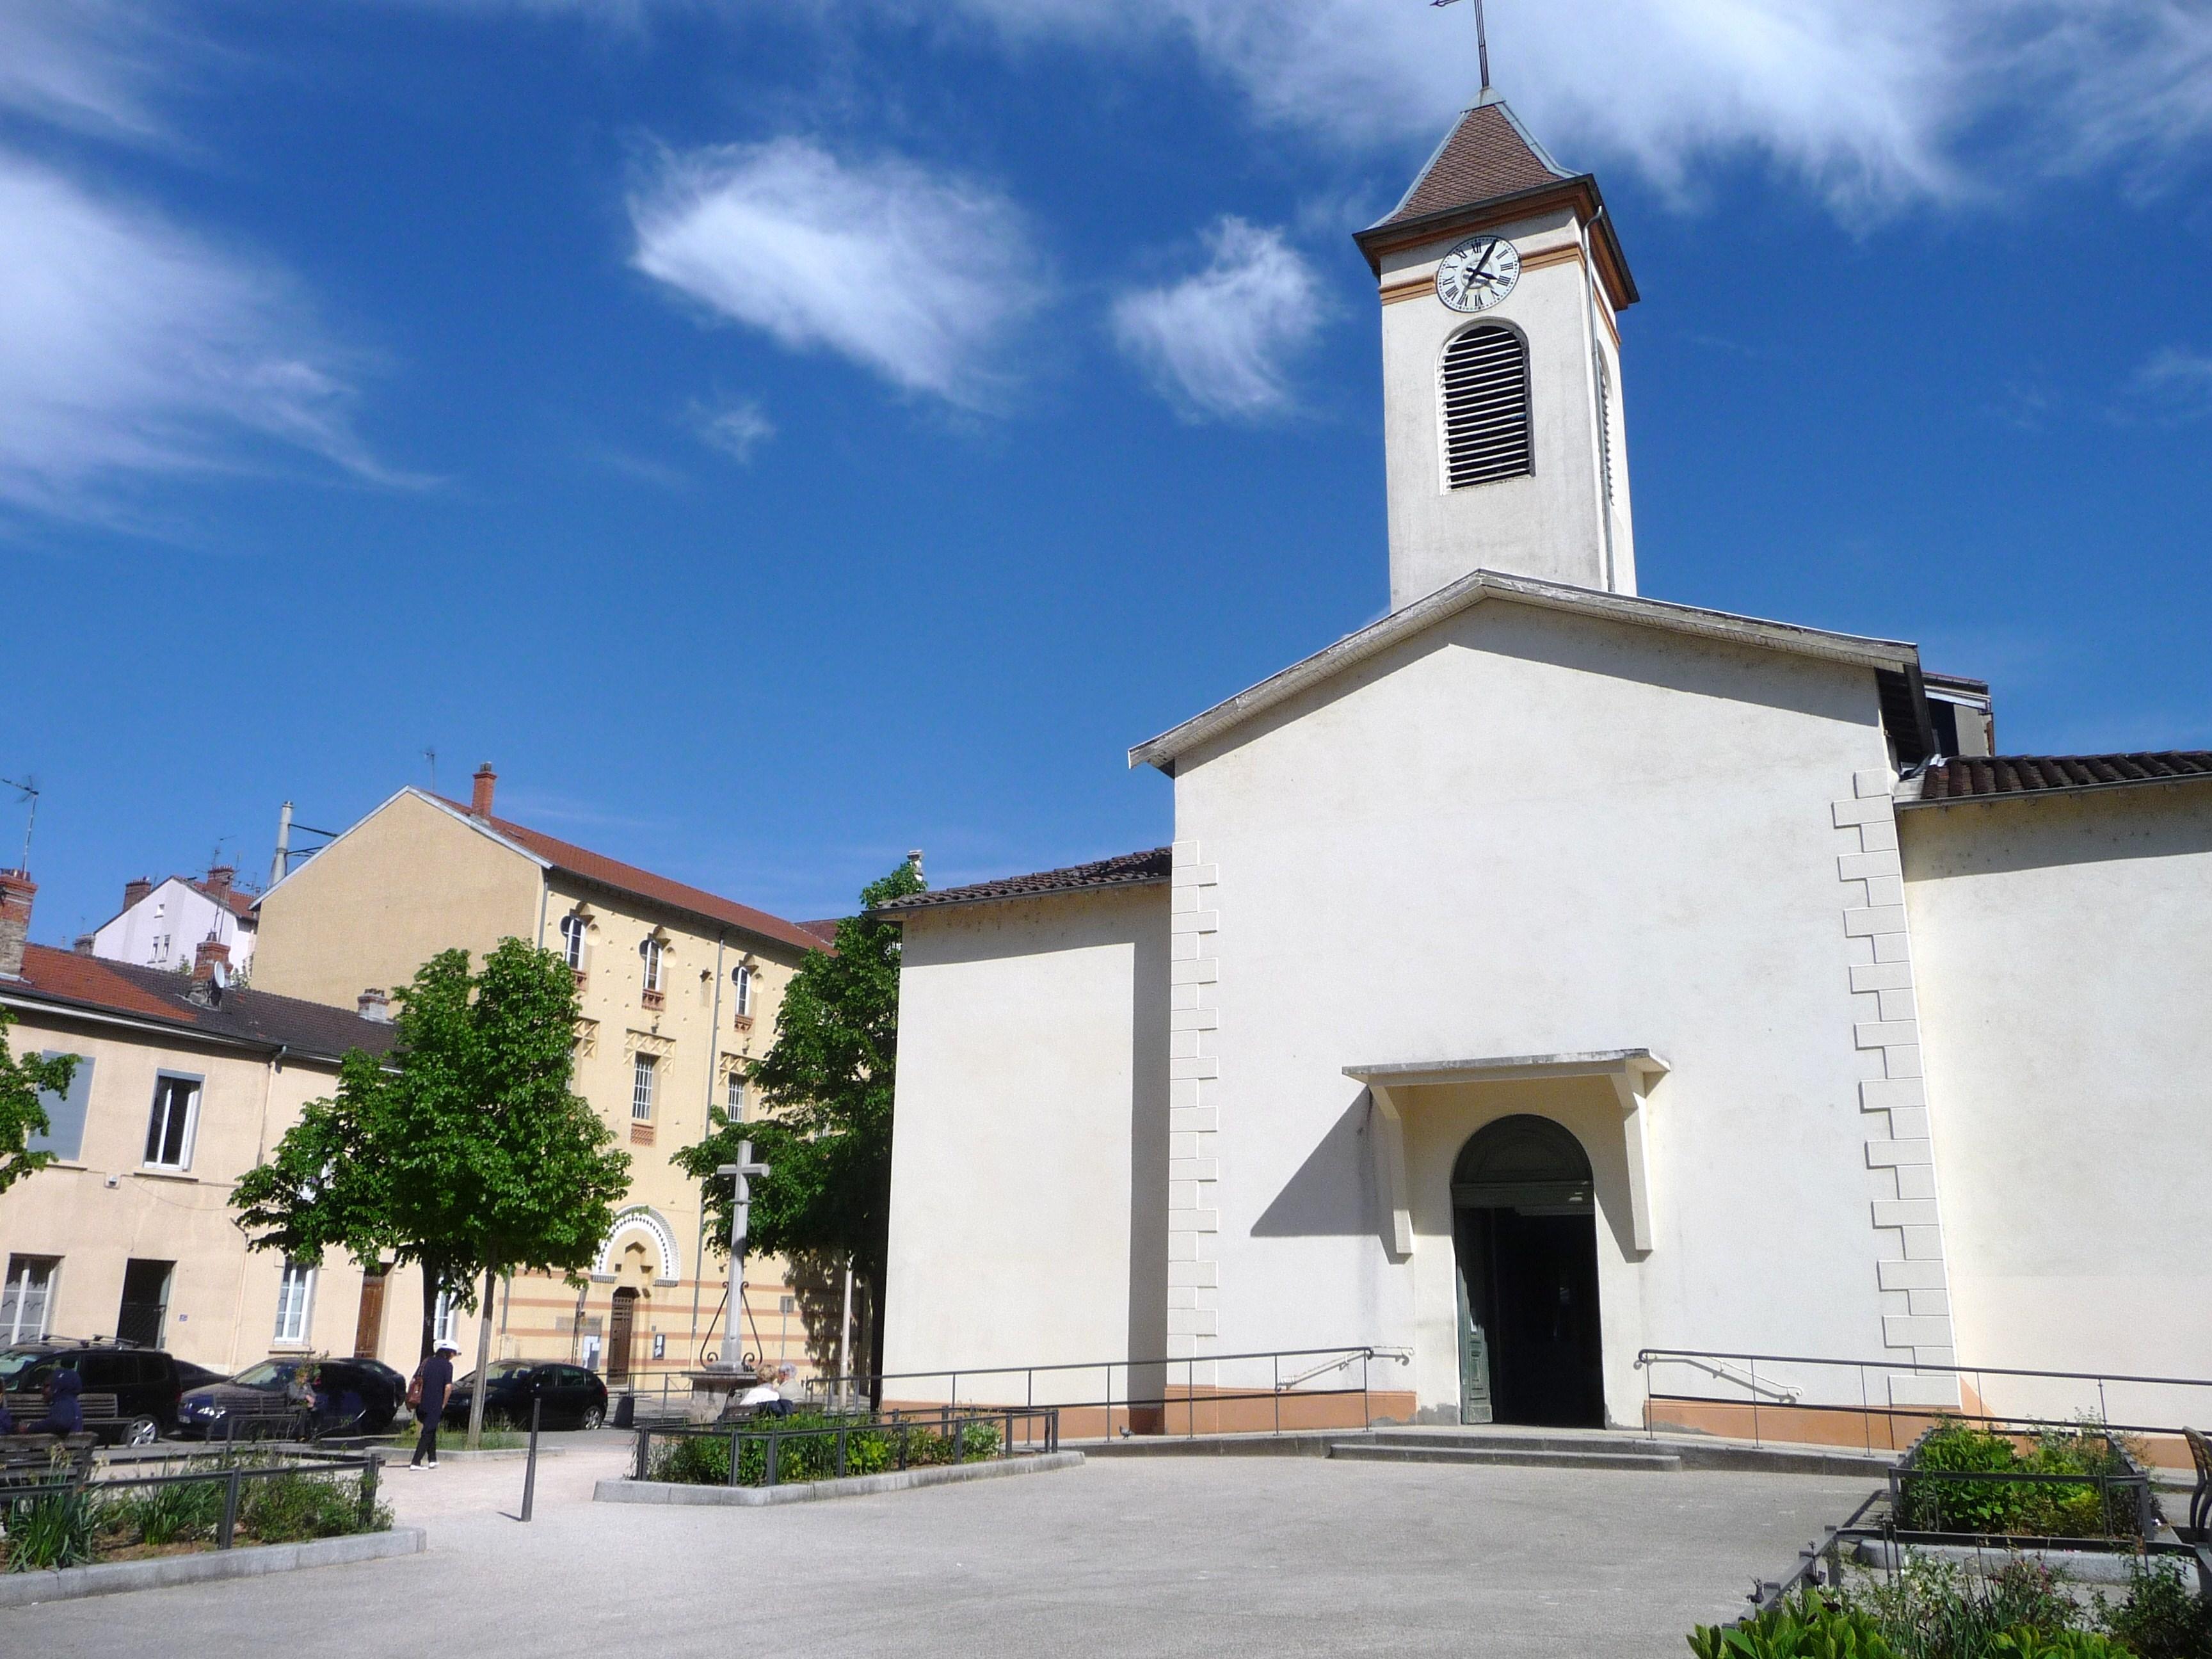 CIL Monplaisir - Histoire du quartier de Monplaisir Lumière - Lyon 8ème - Eglise Saint Maurice de Monplaisir